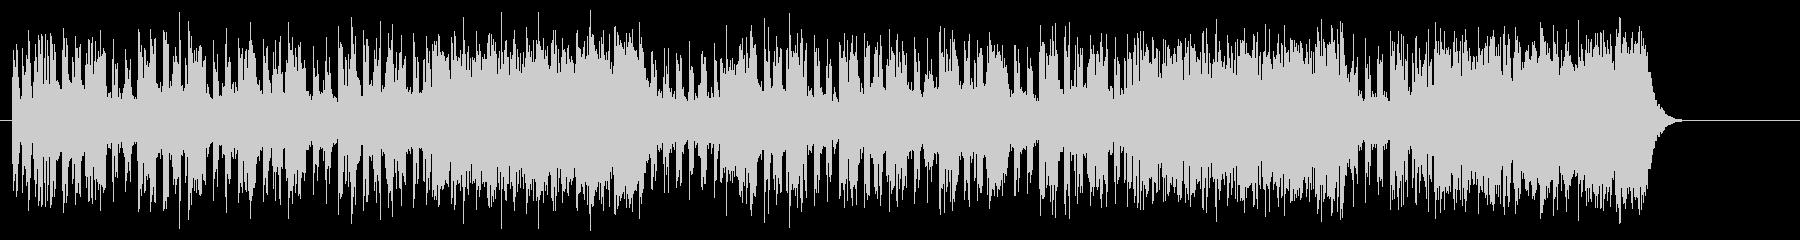 スリル感を高めるビートサウンドの未再生の波形